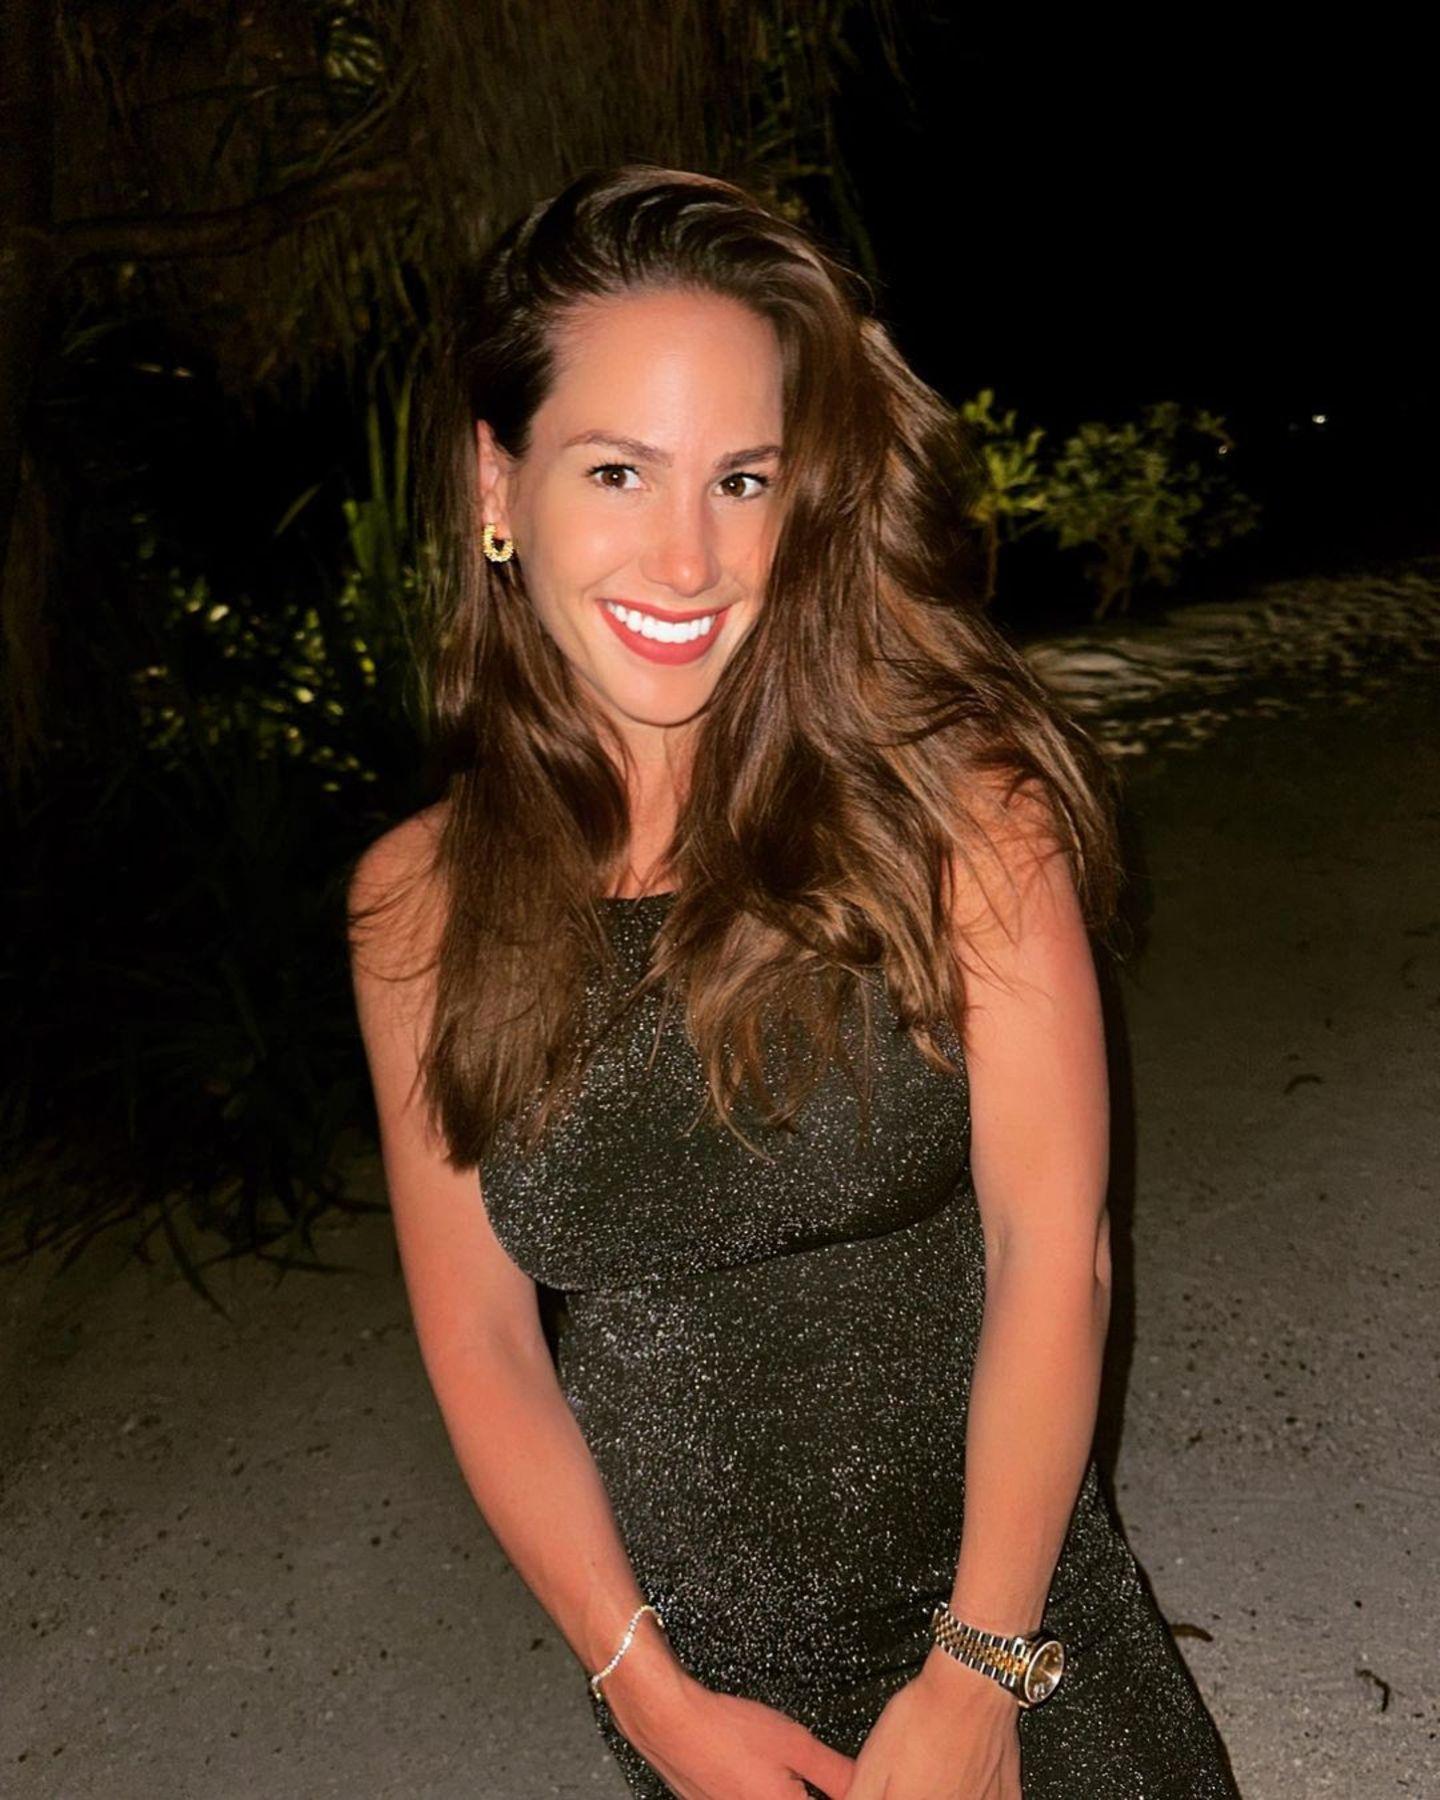 Mittlerweile ist sie erfolgreiche Influencerin und begeistert ihre über 400 Tausend Abonnenten immer wieder mit heißen Schnappschüssen. Nach einer Brust-OP ist sie happy mit ihrem Äußeren. Ihr Make-up-Look ist heute viel natürlicher und ihre lange Mähne hat einen natürlichen Blondton.